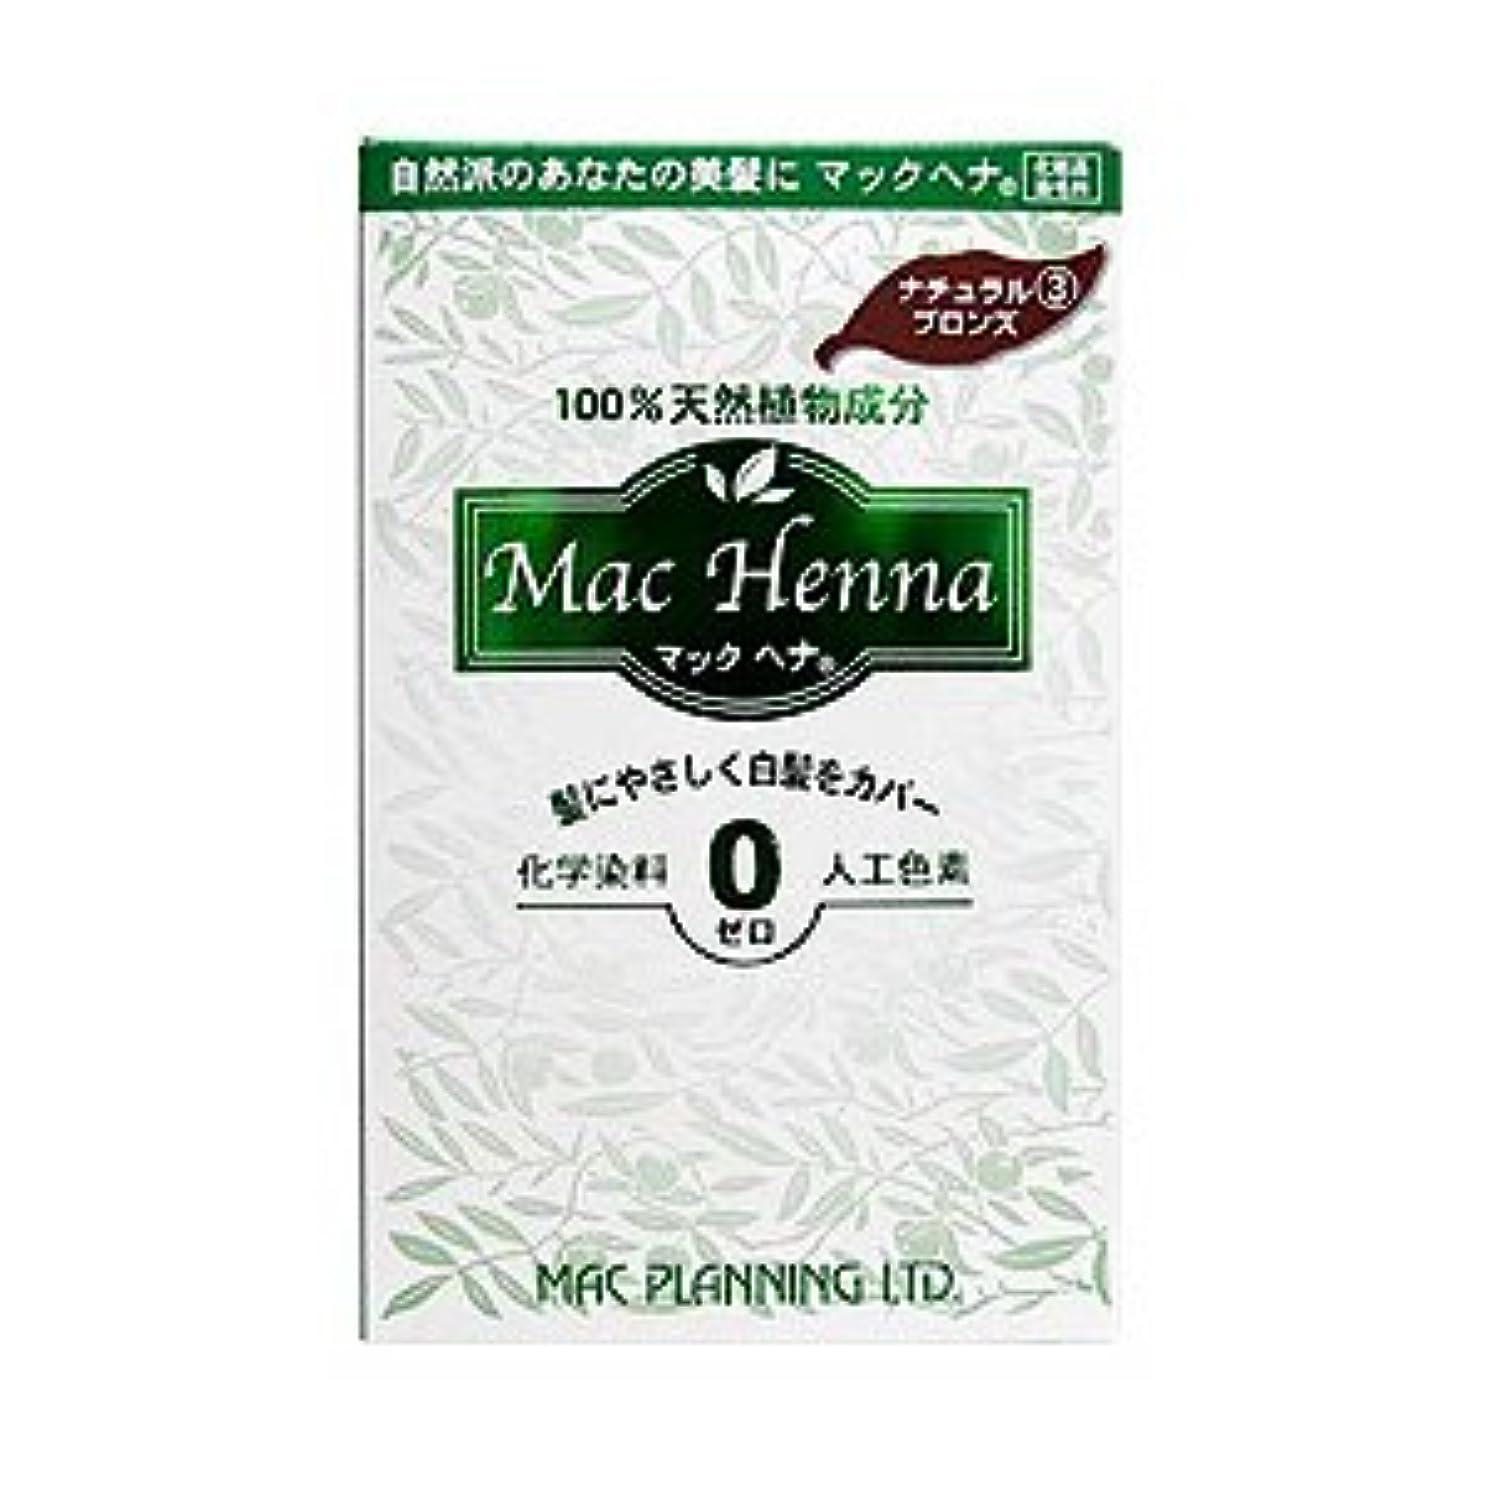 リーチ提供された好きマックヘナ ナチュラルブロンズ3 100g hs